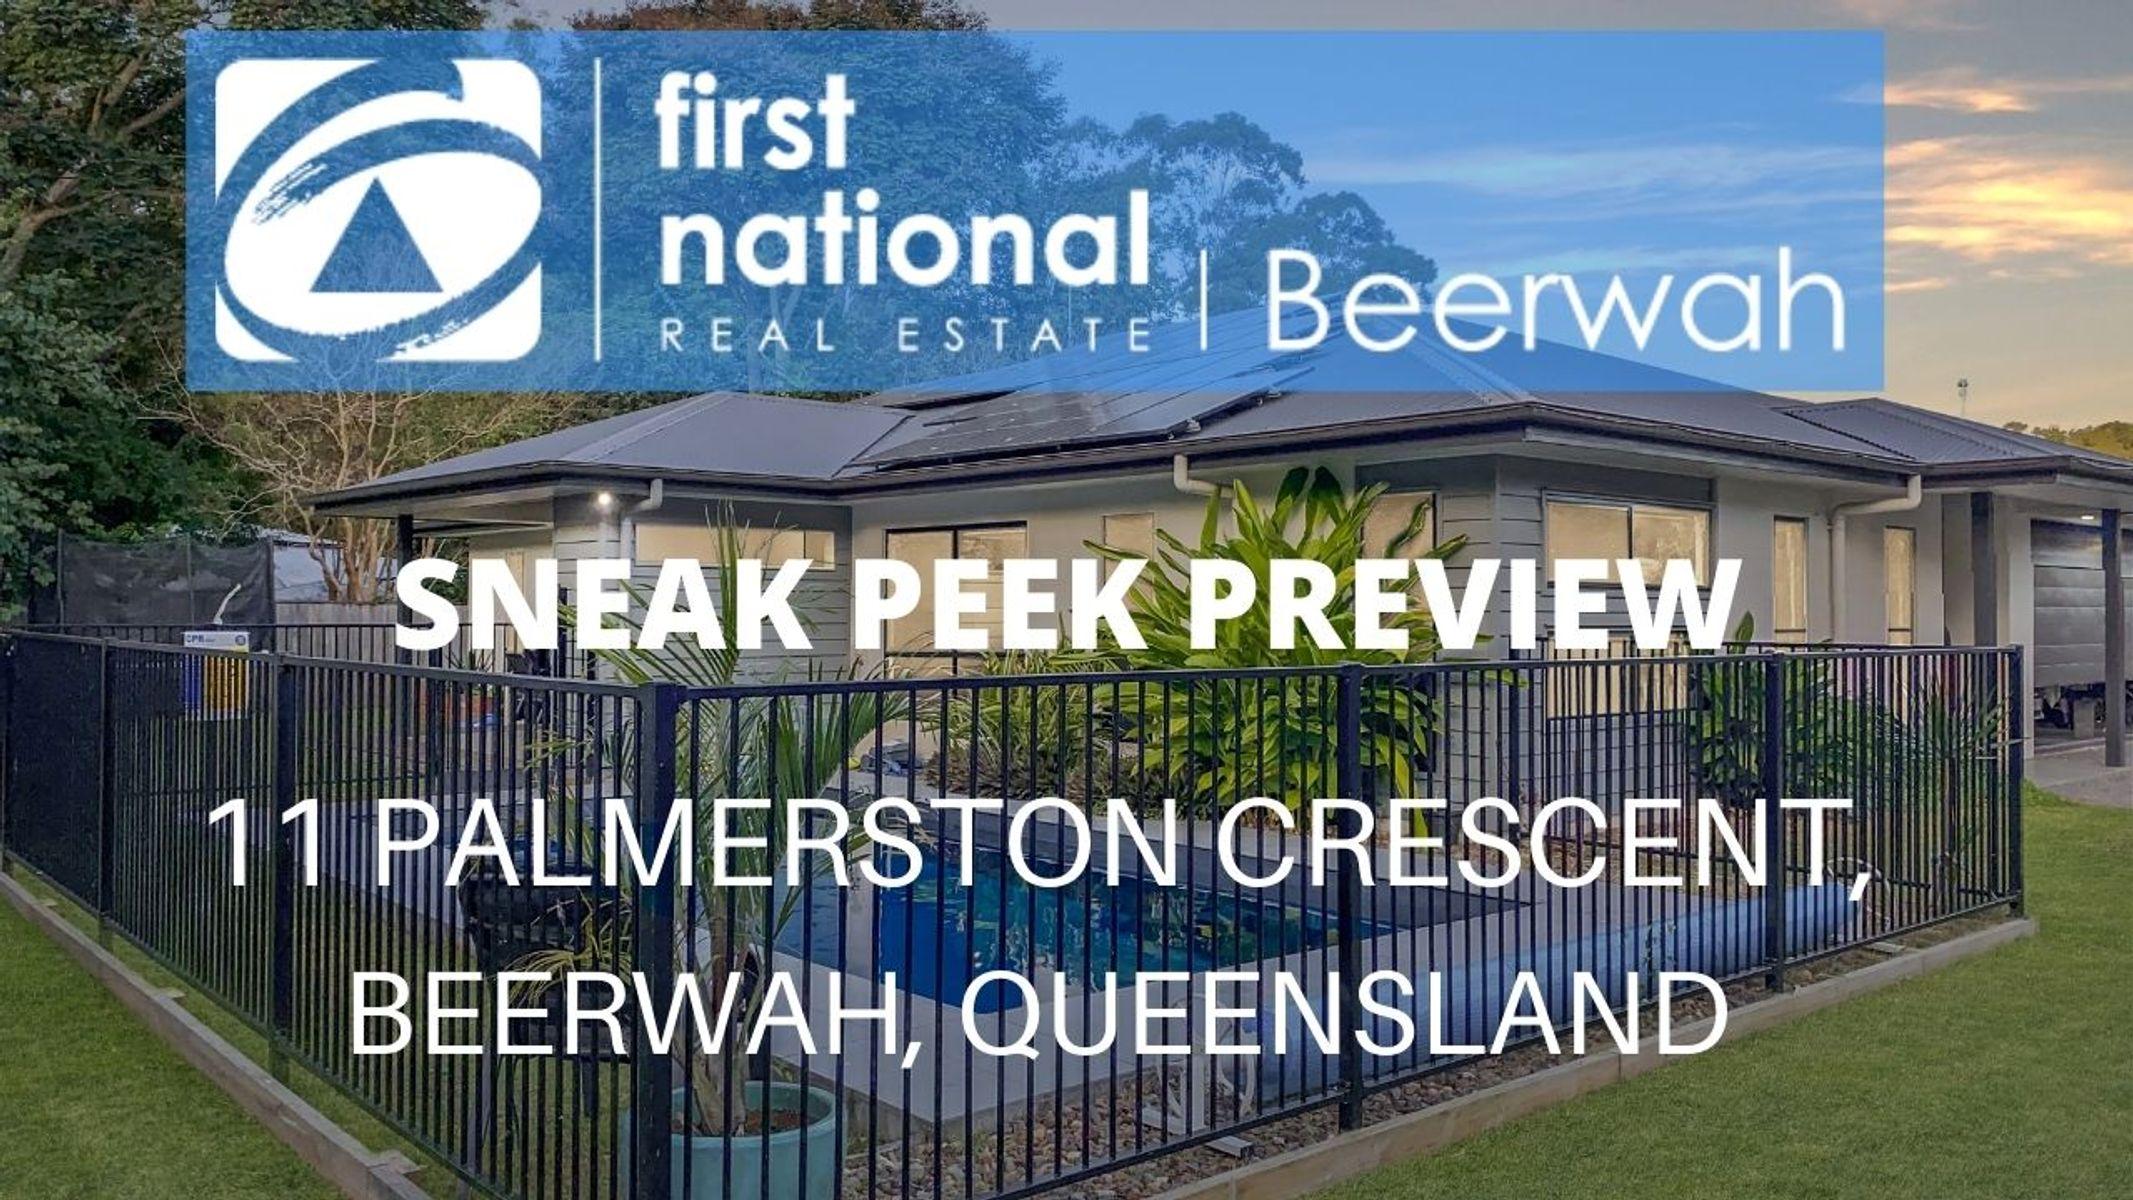 11 Palmerston Crescent, Beerwah, QLD 4519